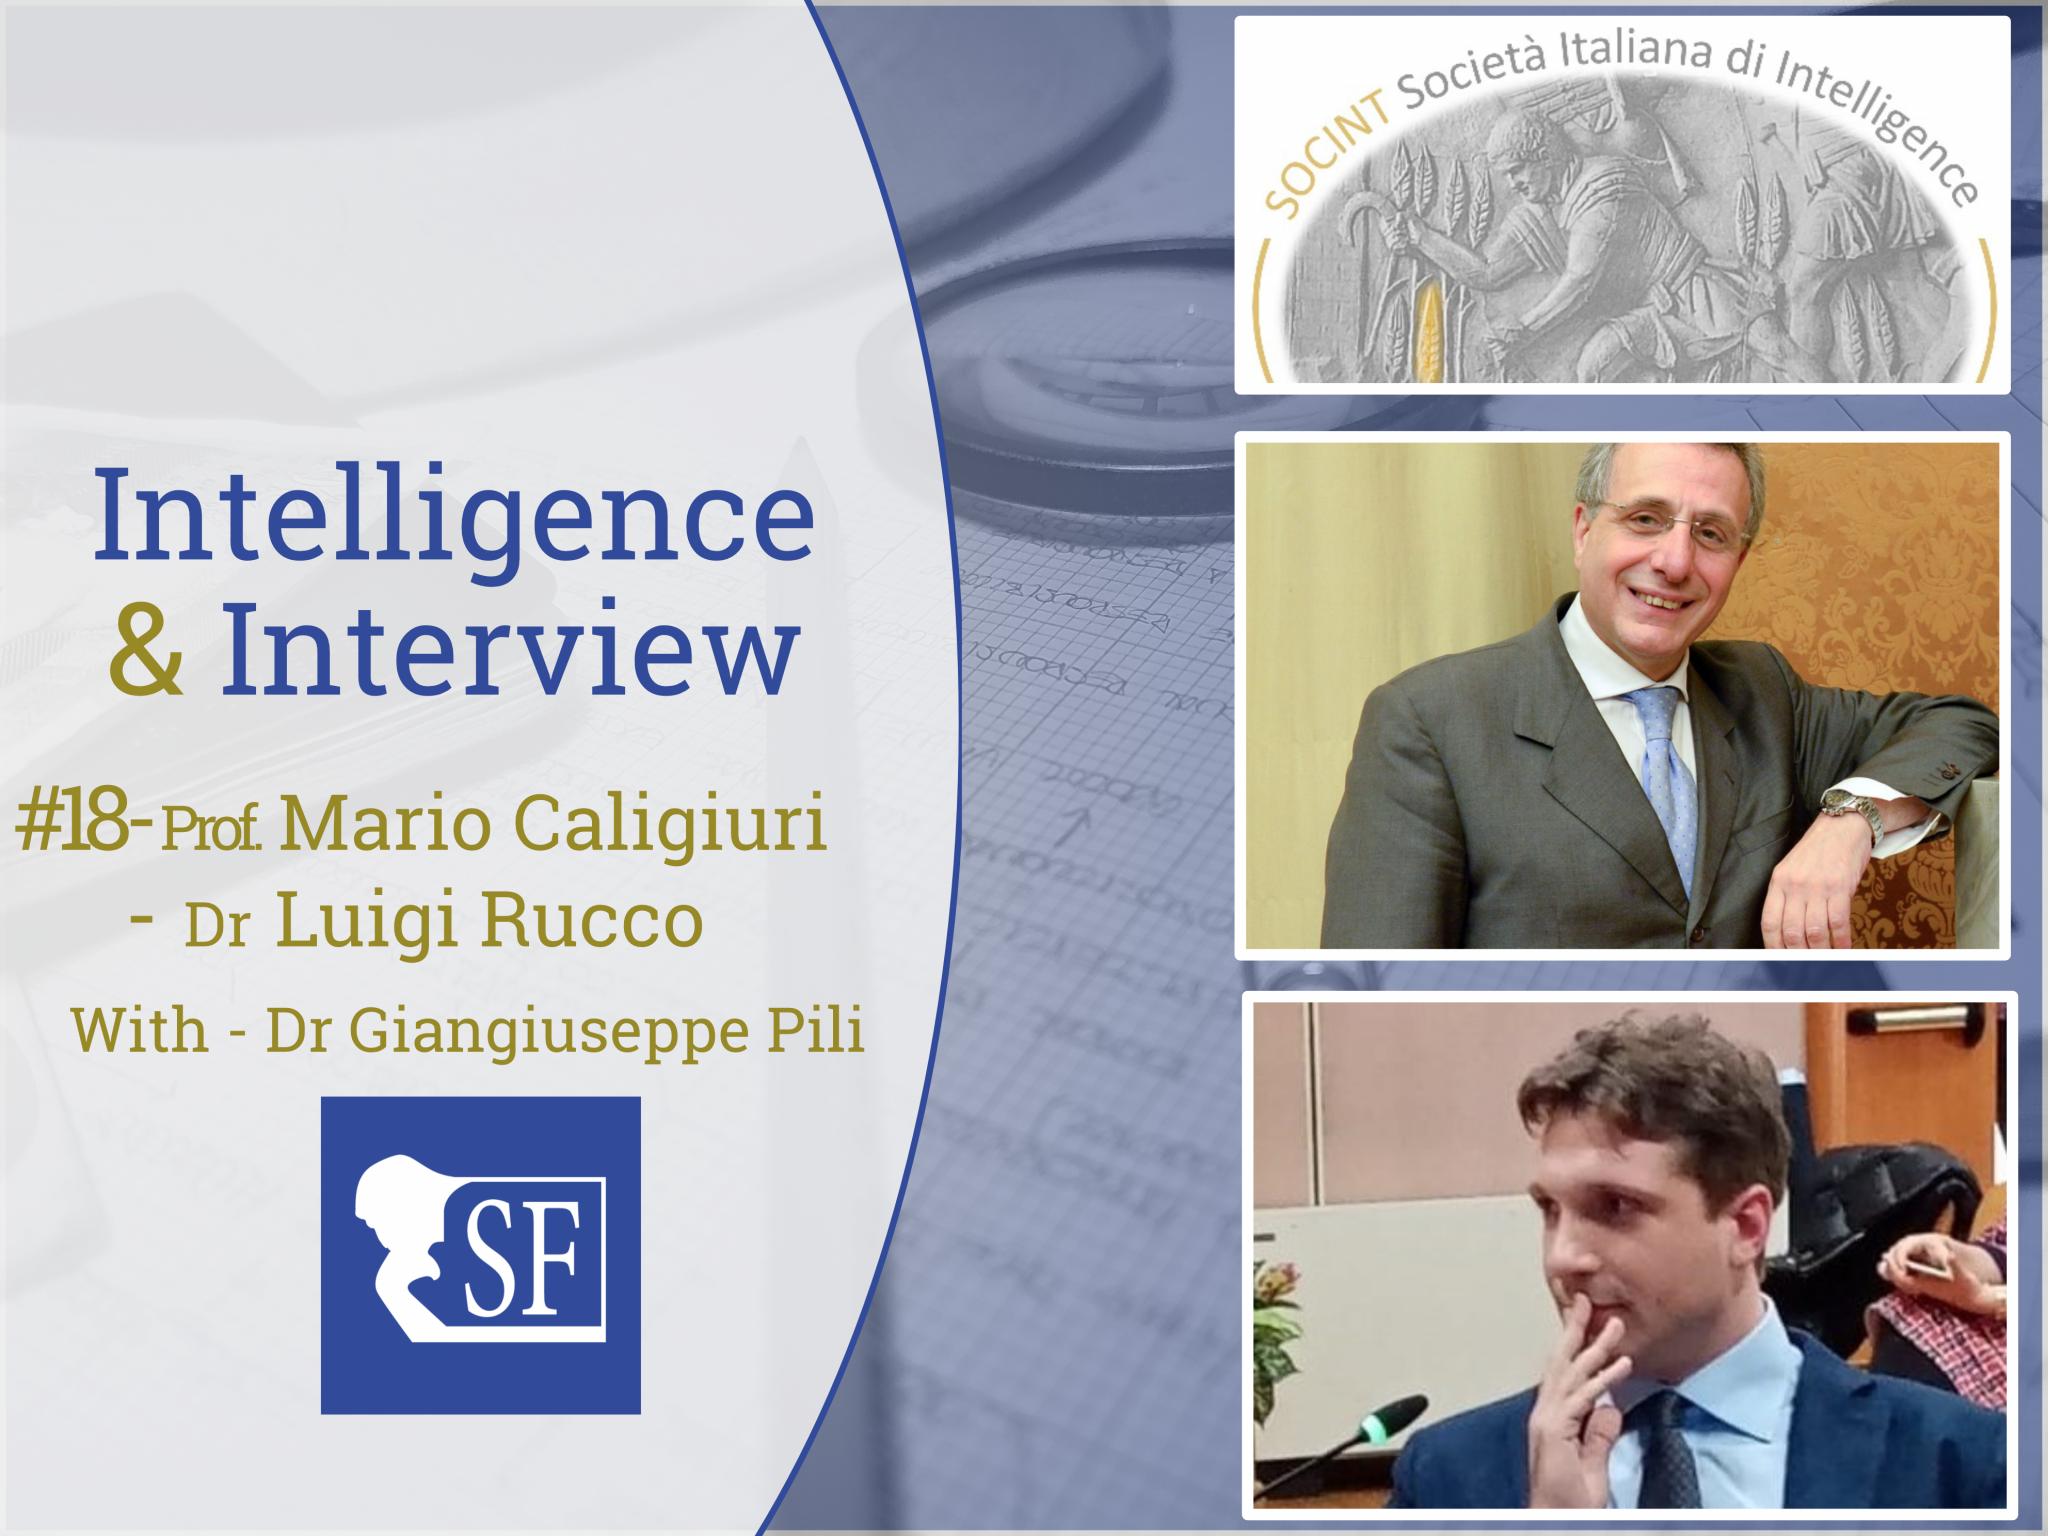 Società Italiana di Intelligence, intervista ScuolaFilosofica, Intelligence & Interview n 18